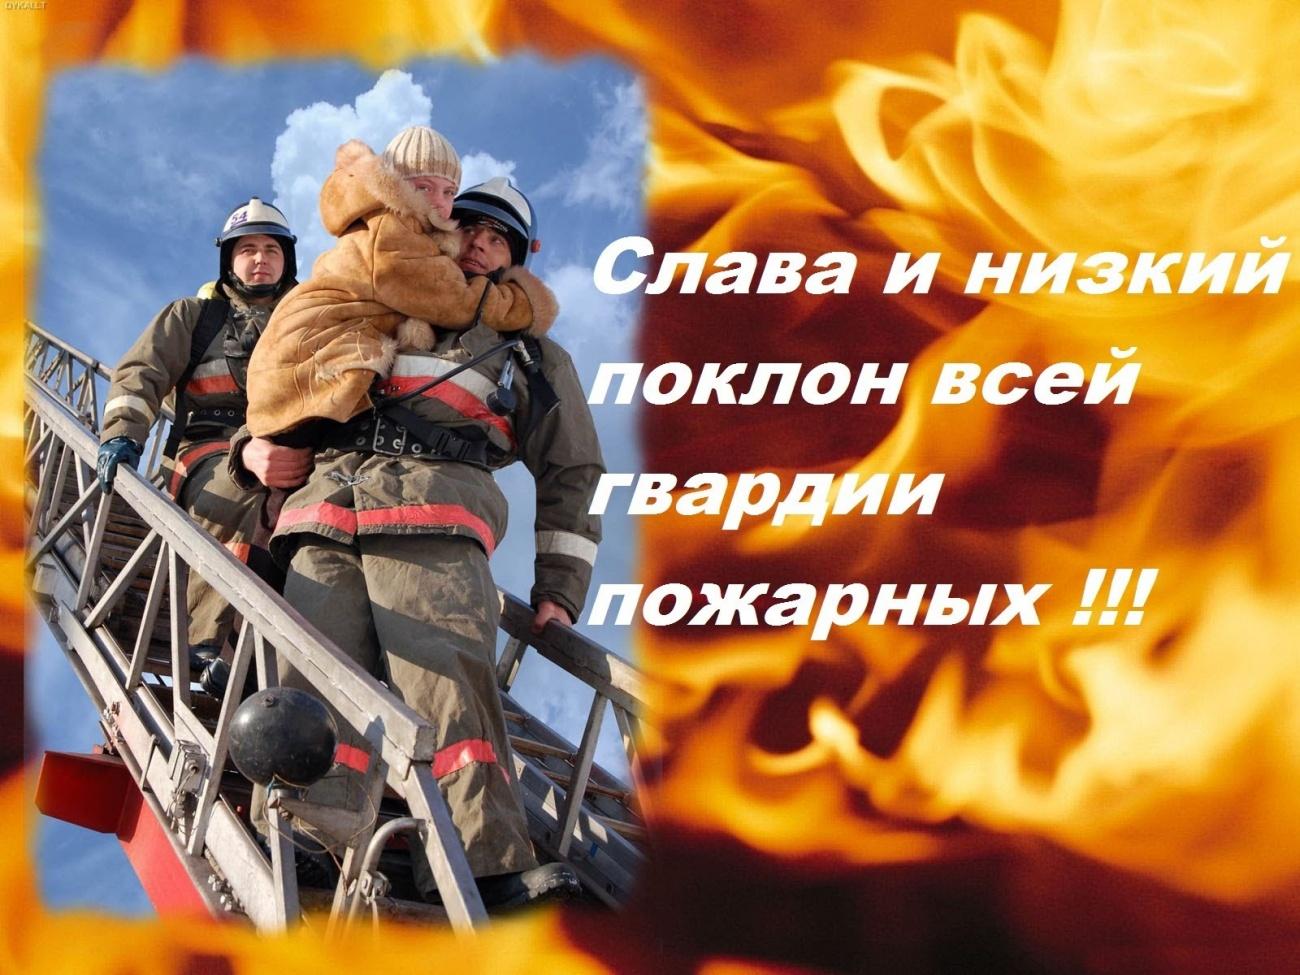 Надписью, картинки поздравления с днем пожарника